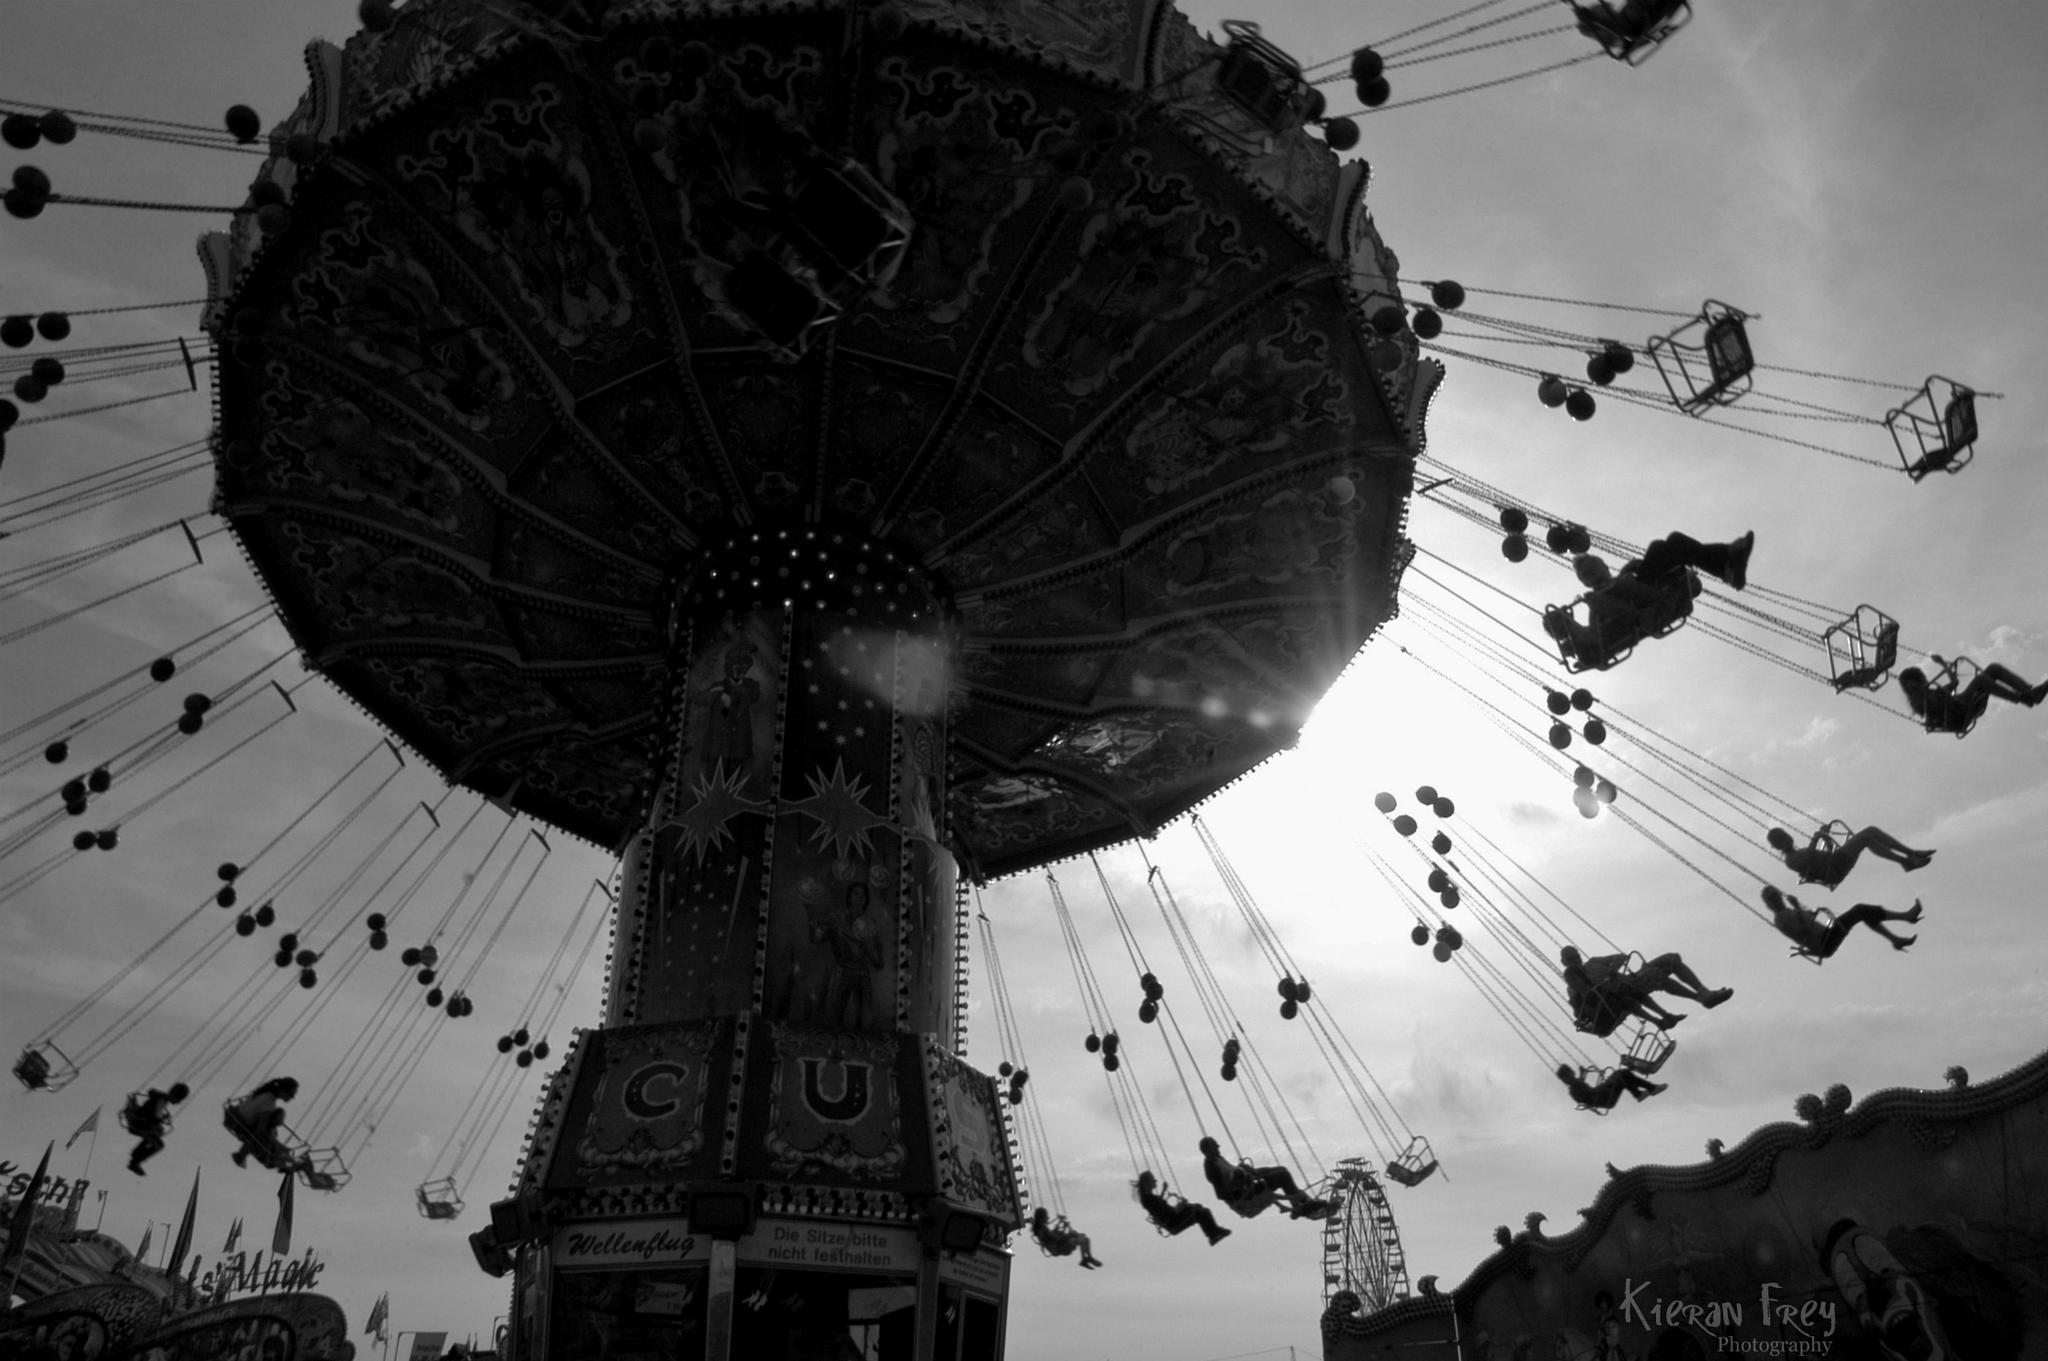 Around and Around by Kieran Frey